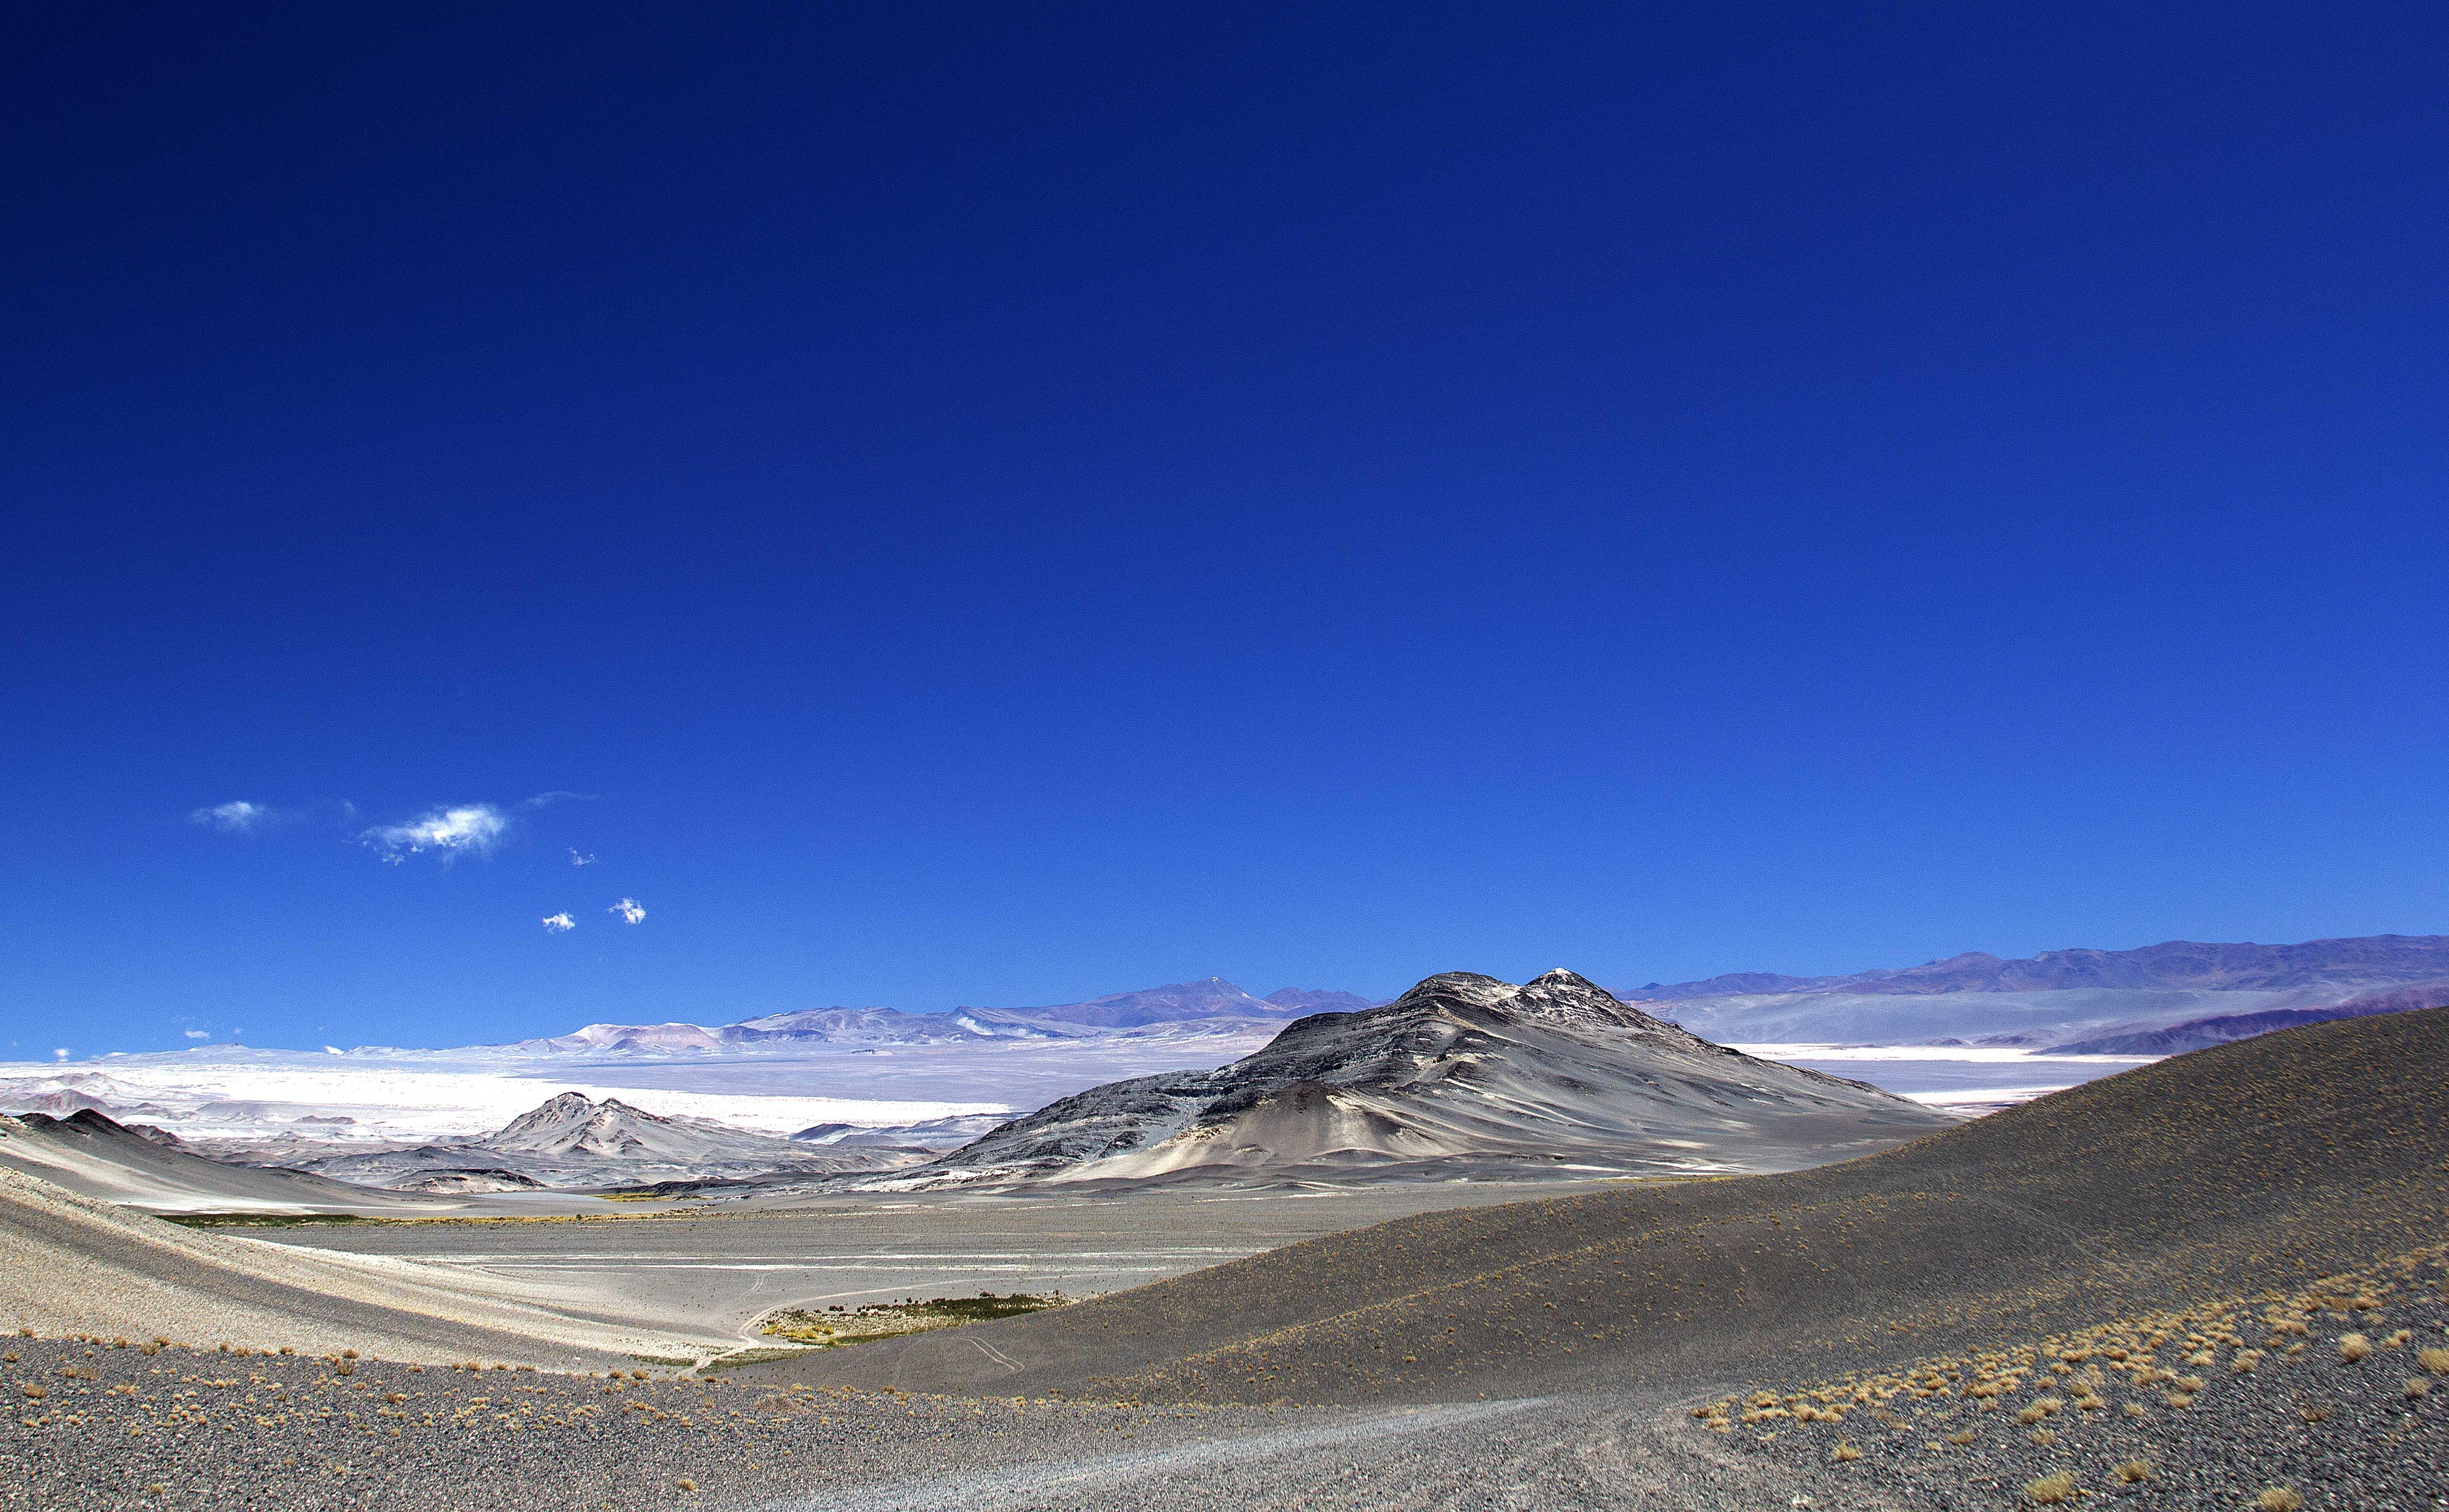 descida da cratera do vulcão Galán, Puna Argentina